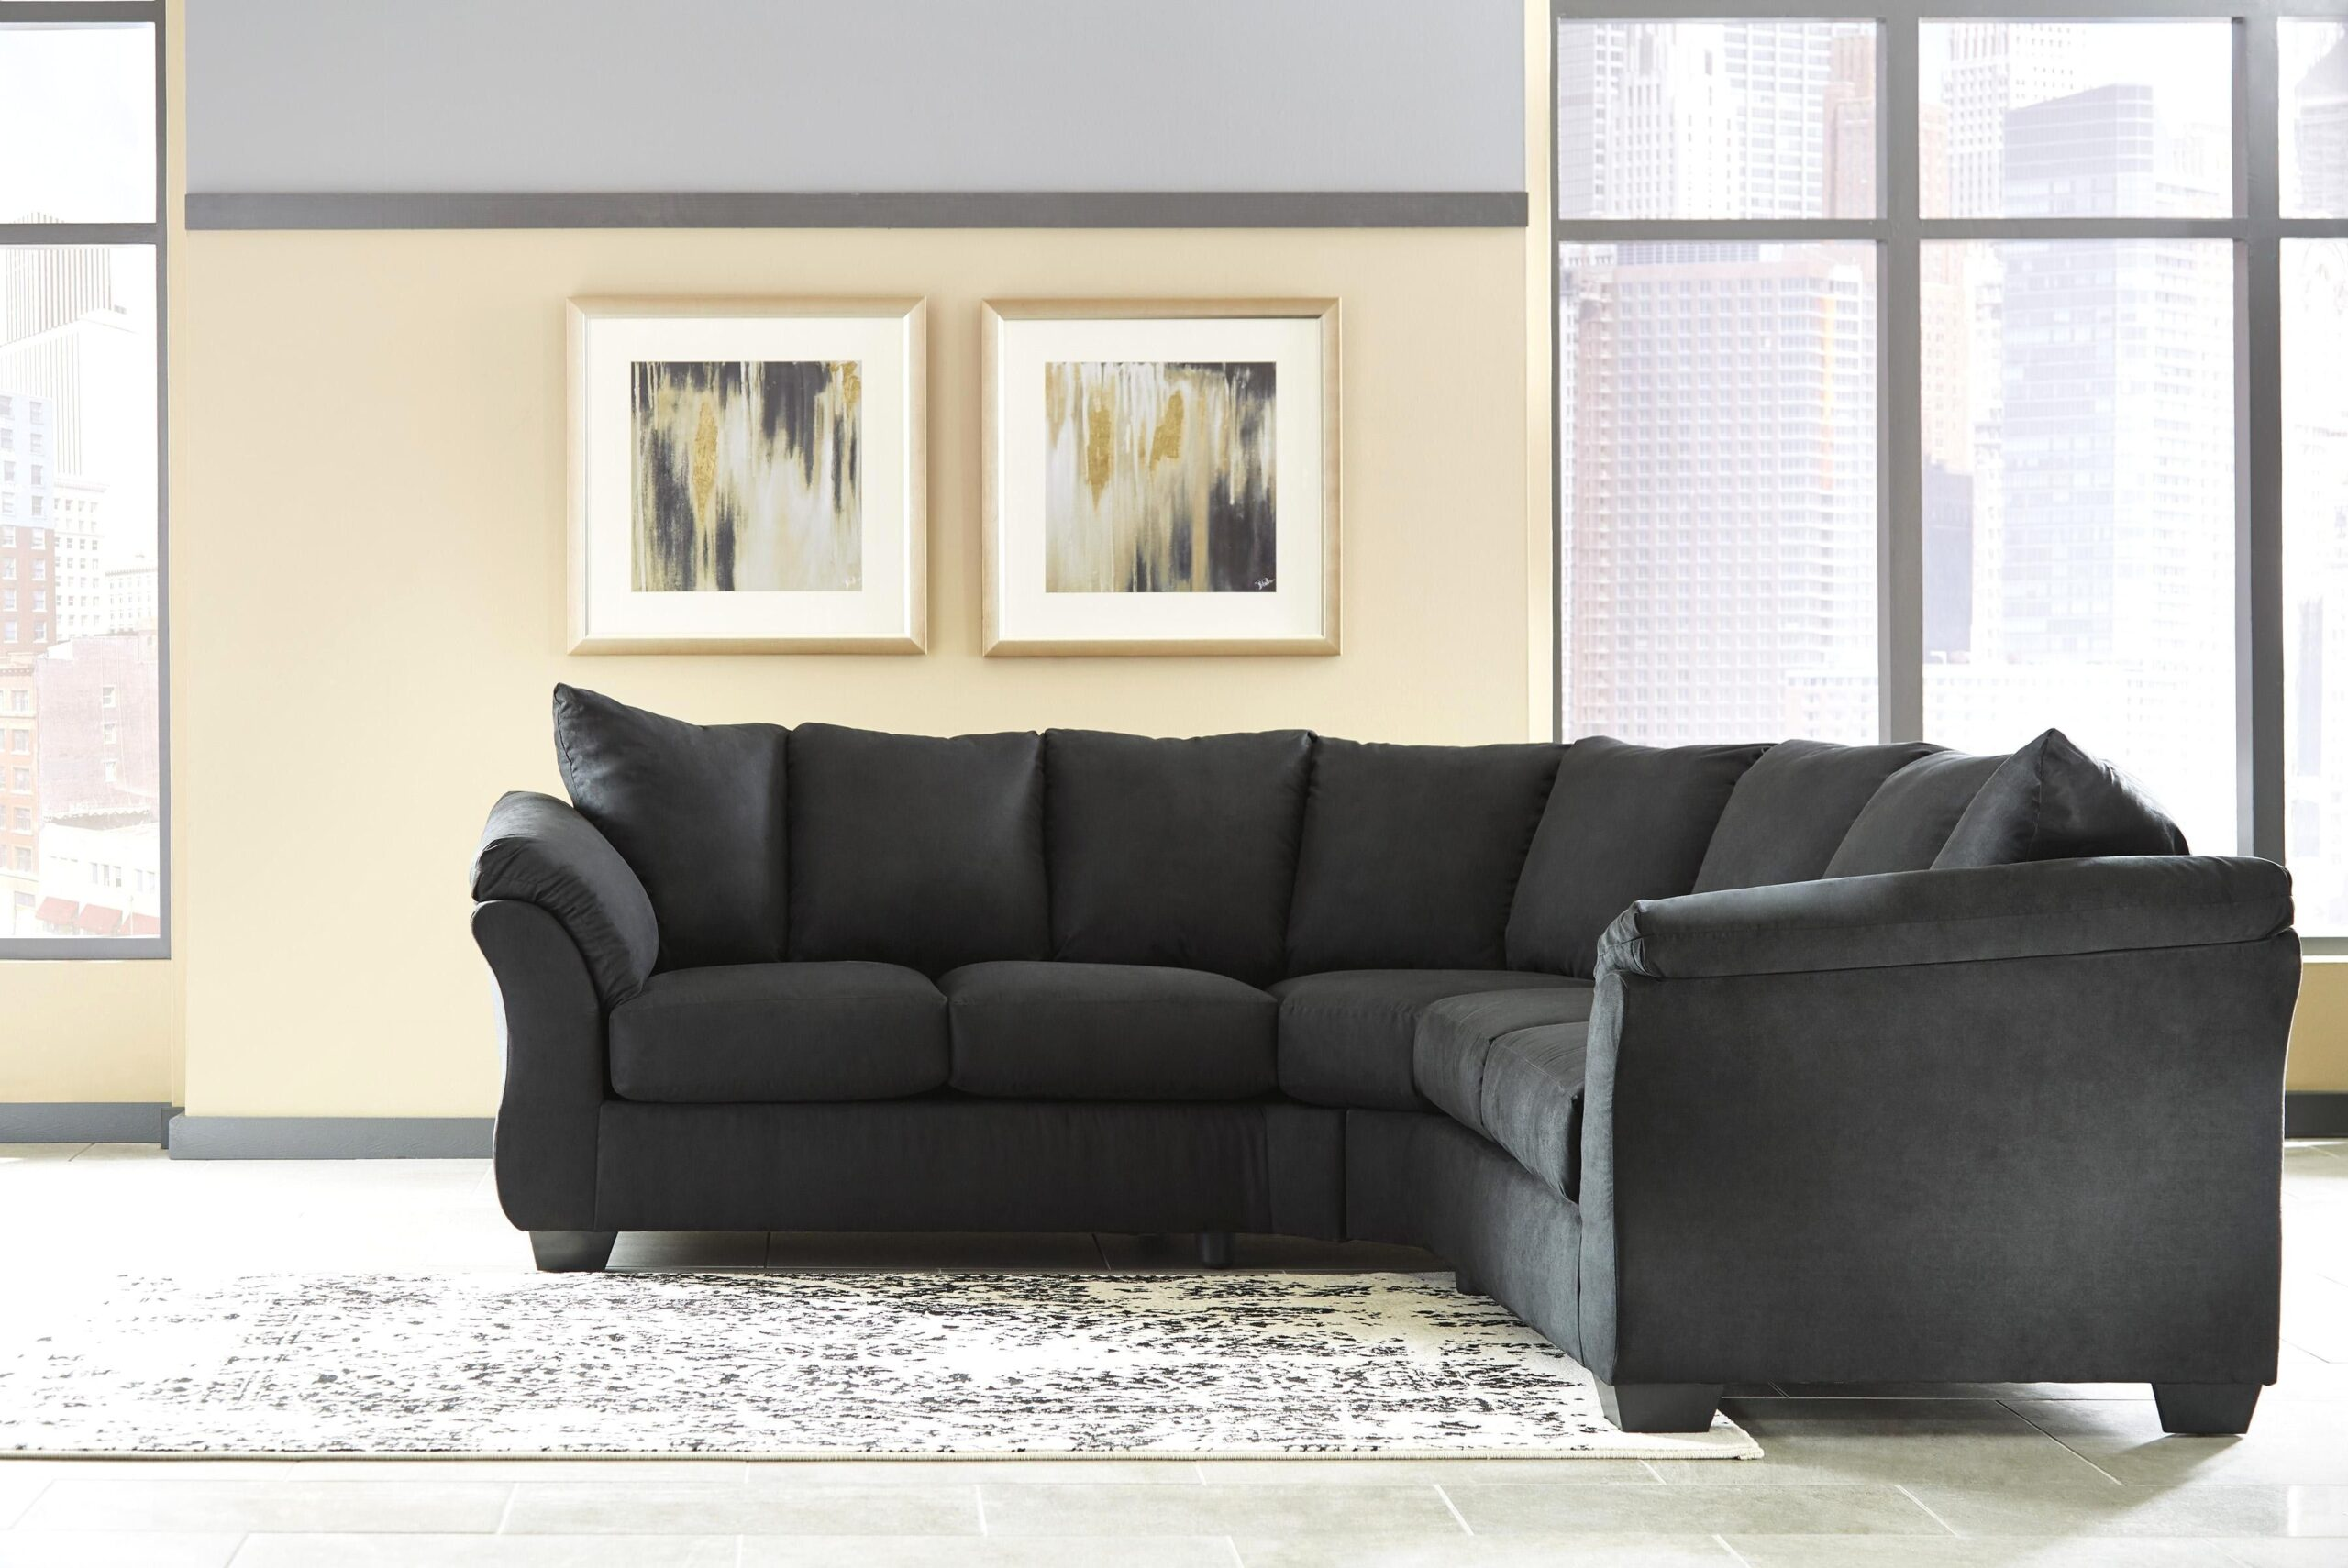 Full Size of Langes Sofa 30 Elegantes Tisch Mit Aufbewahrung Mbel Grau Weiß Jugendzimmer Ohne Lehne Big Schlaffunktion Englisch Kissen Le Corbusier Lederpflege Günstige 2 Sofa Langes Sofa